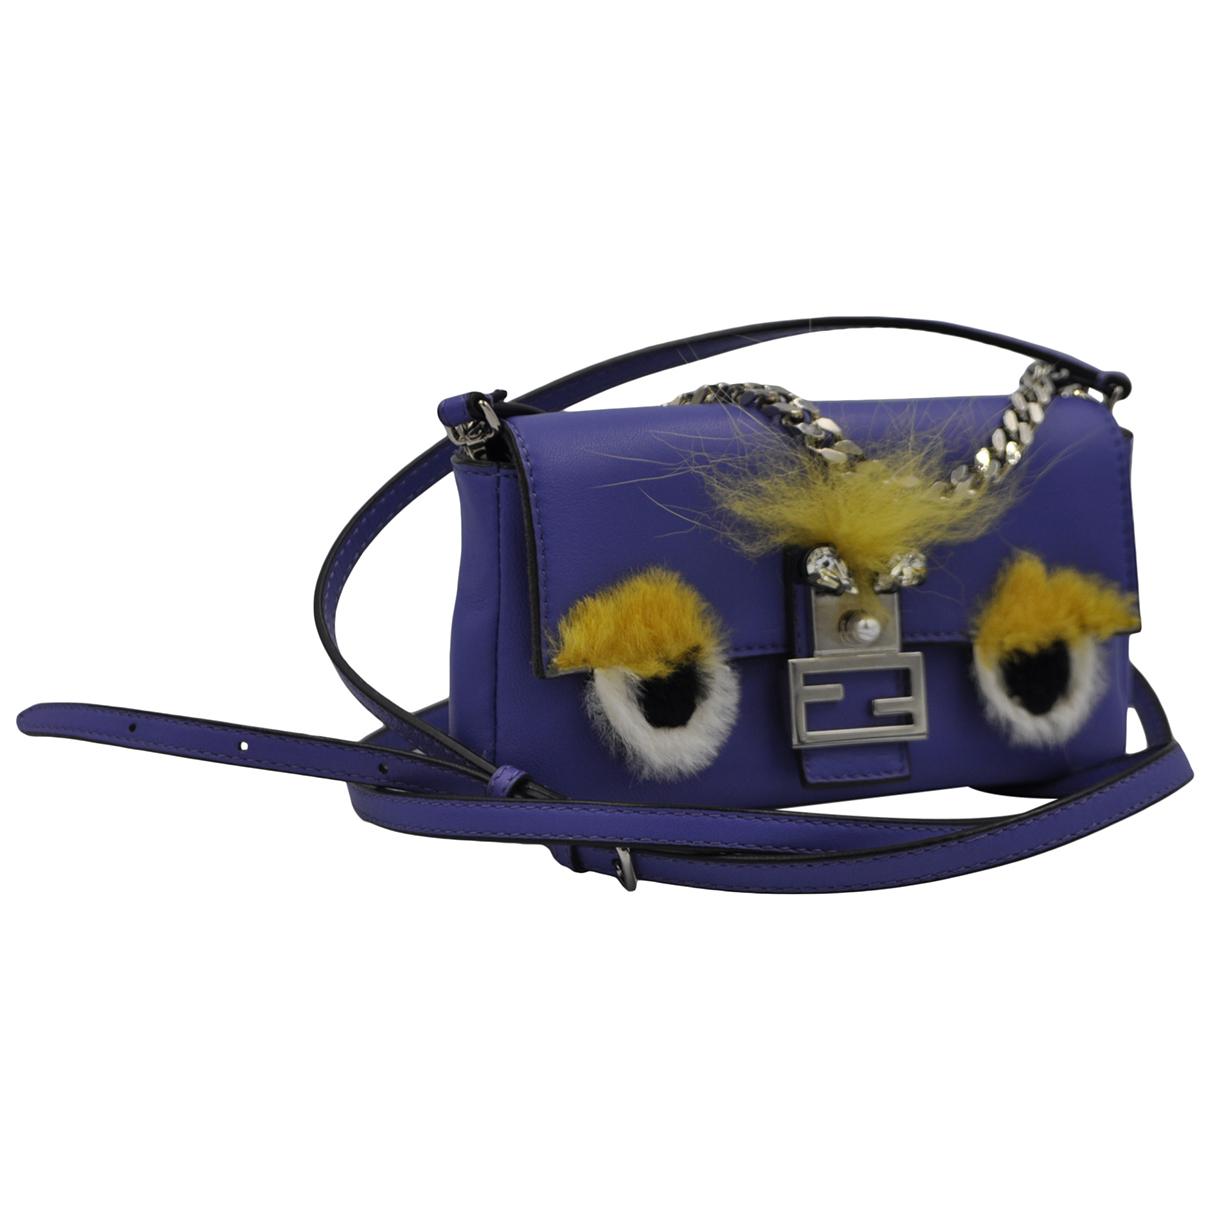 Fendi \N Handtasche in  Lila Leder